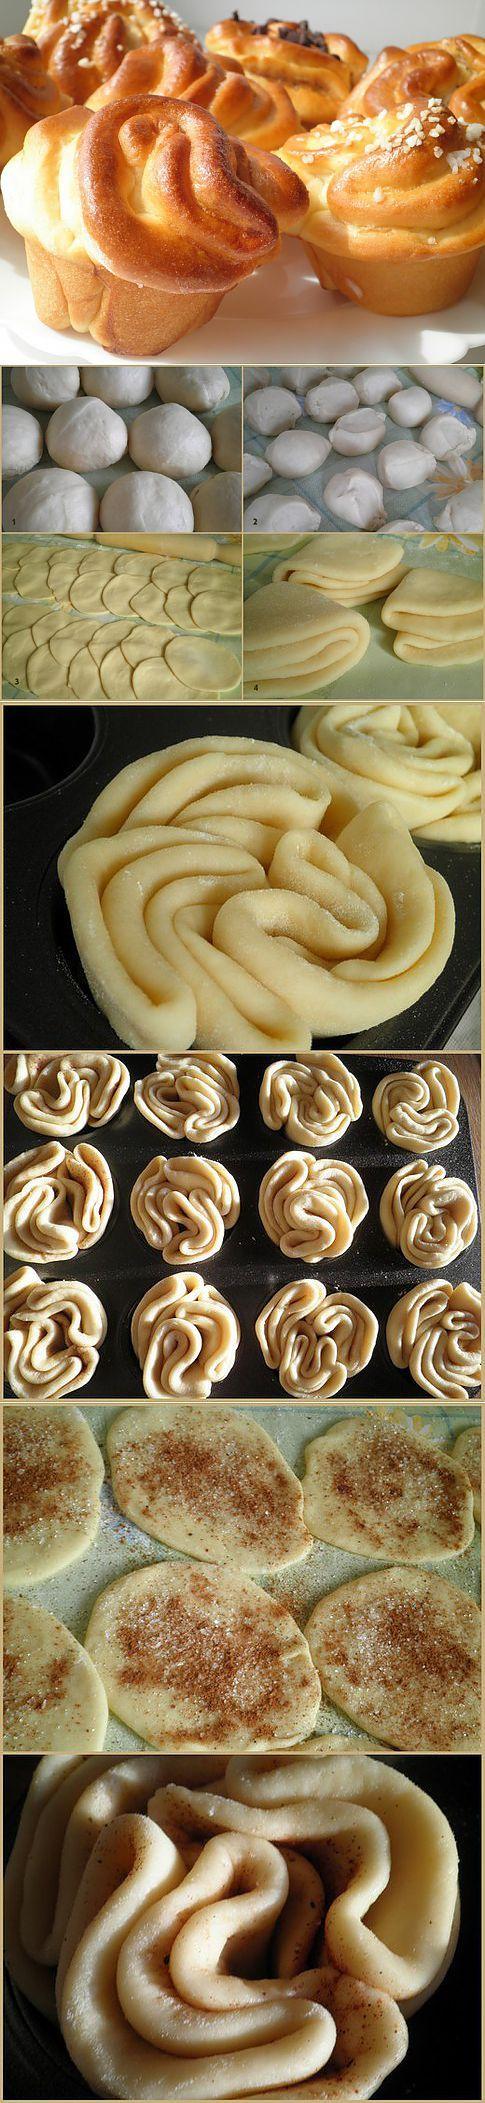 Вкуснейшие булочки с начинкой!! - Простые рецепты Овкусе.ру | Кулинария | Постила